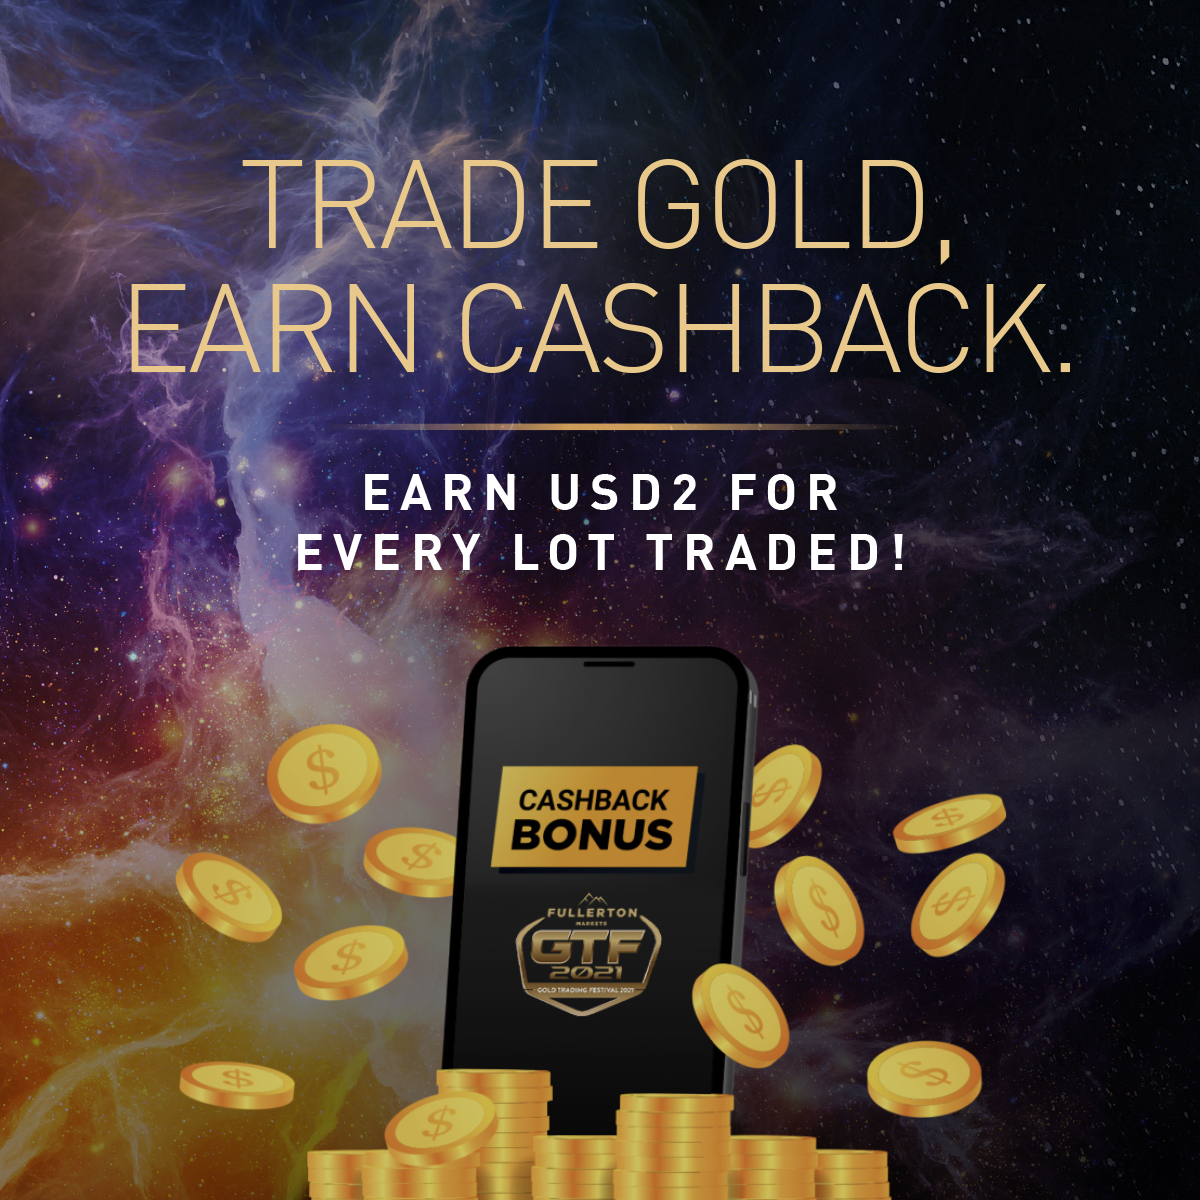 GTF 2021 - Cashback Bonus